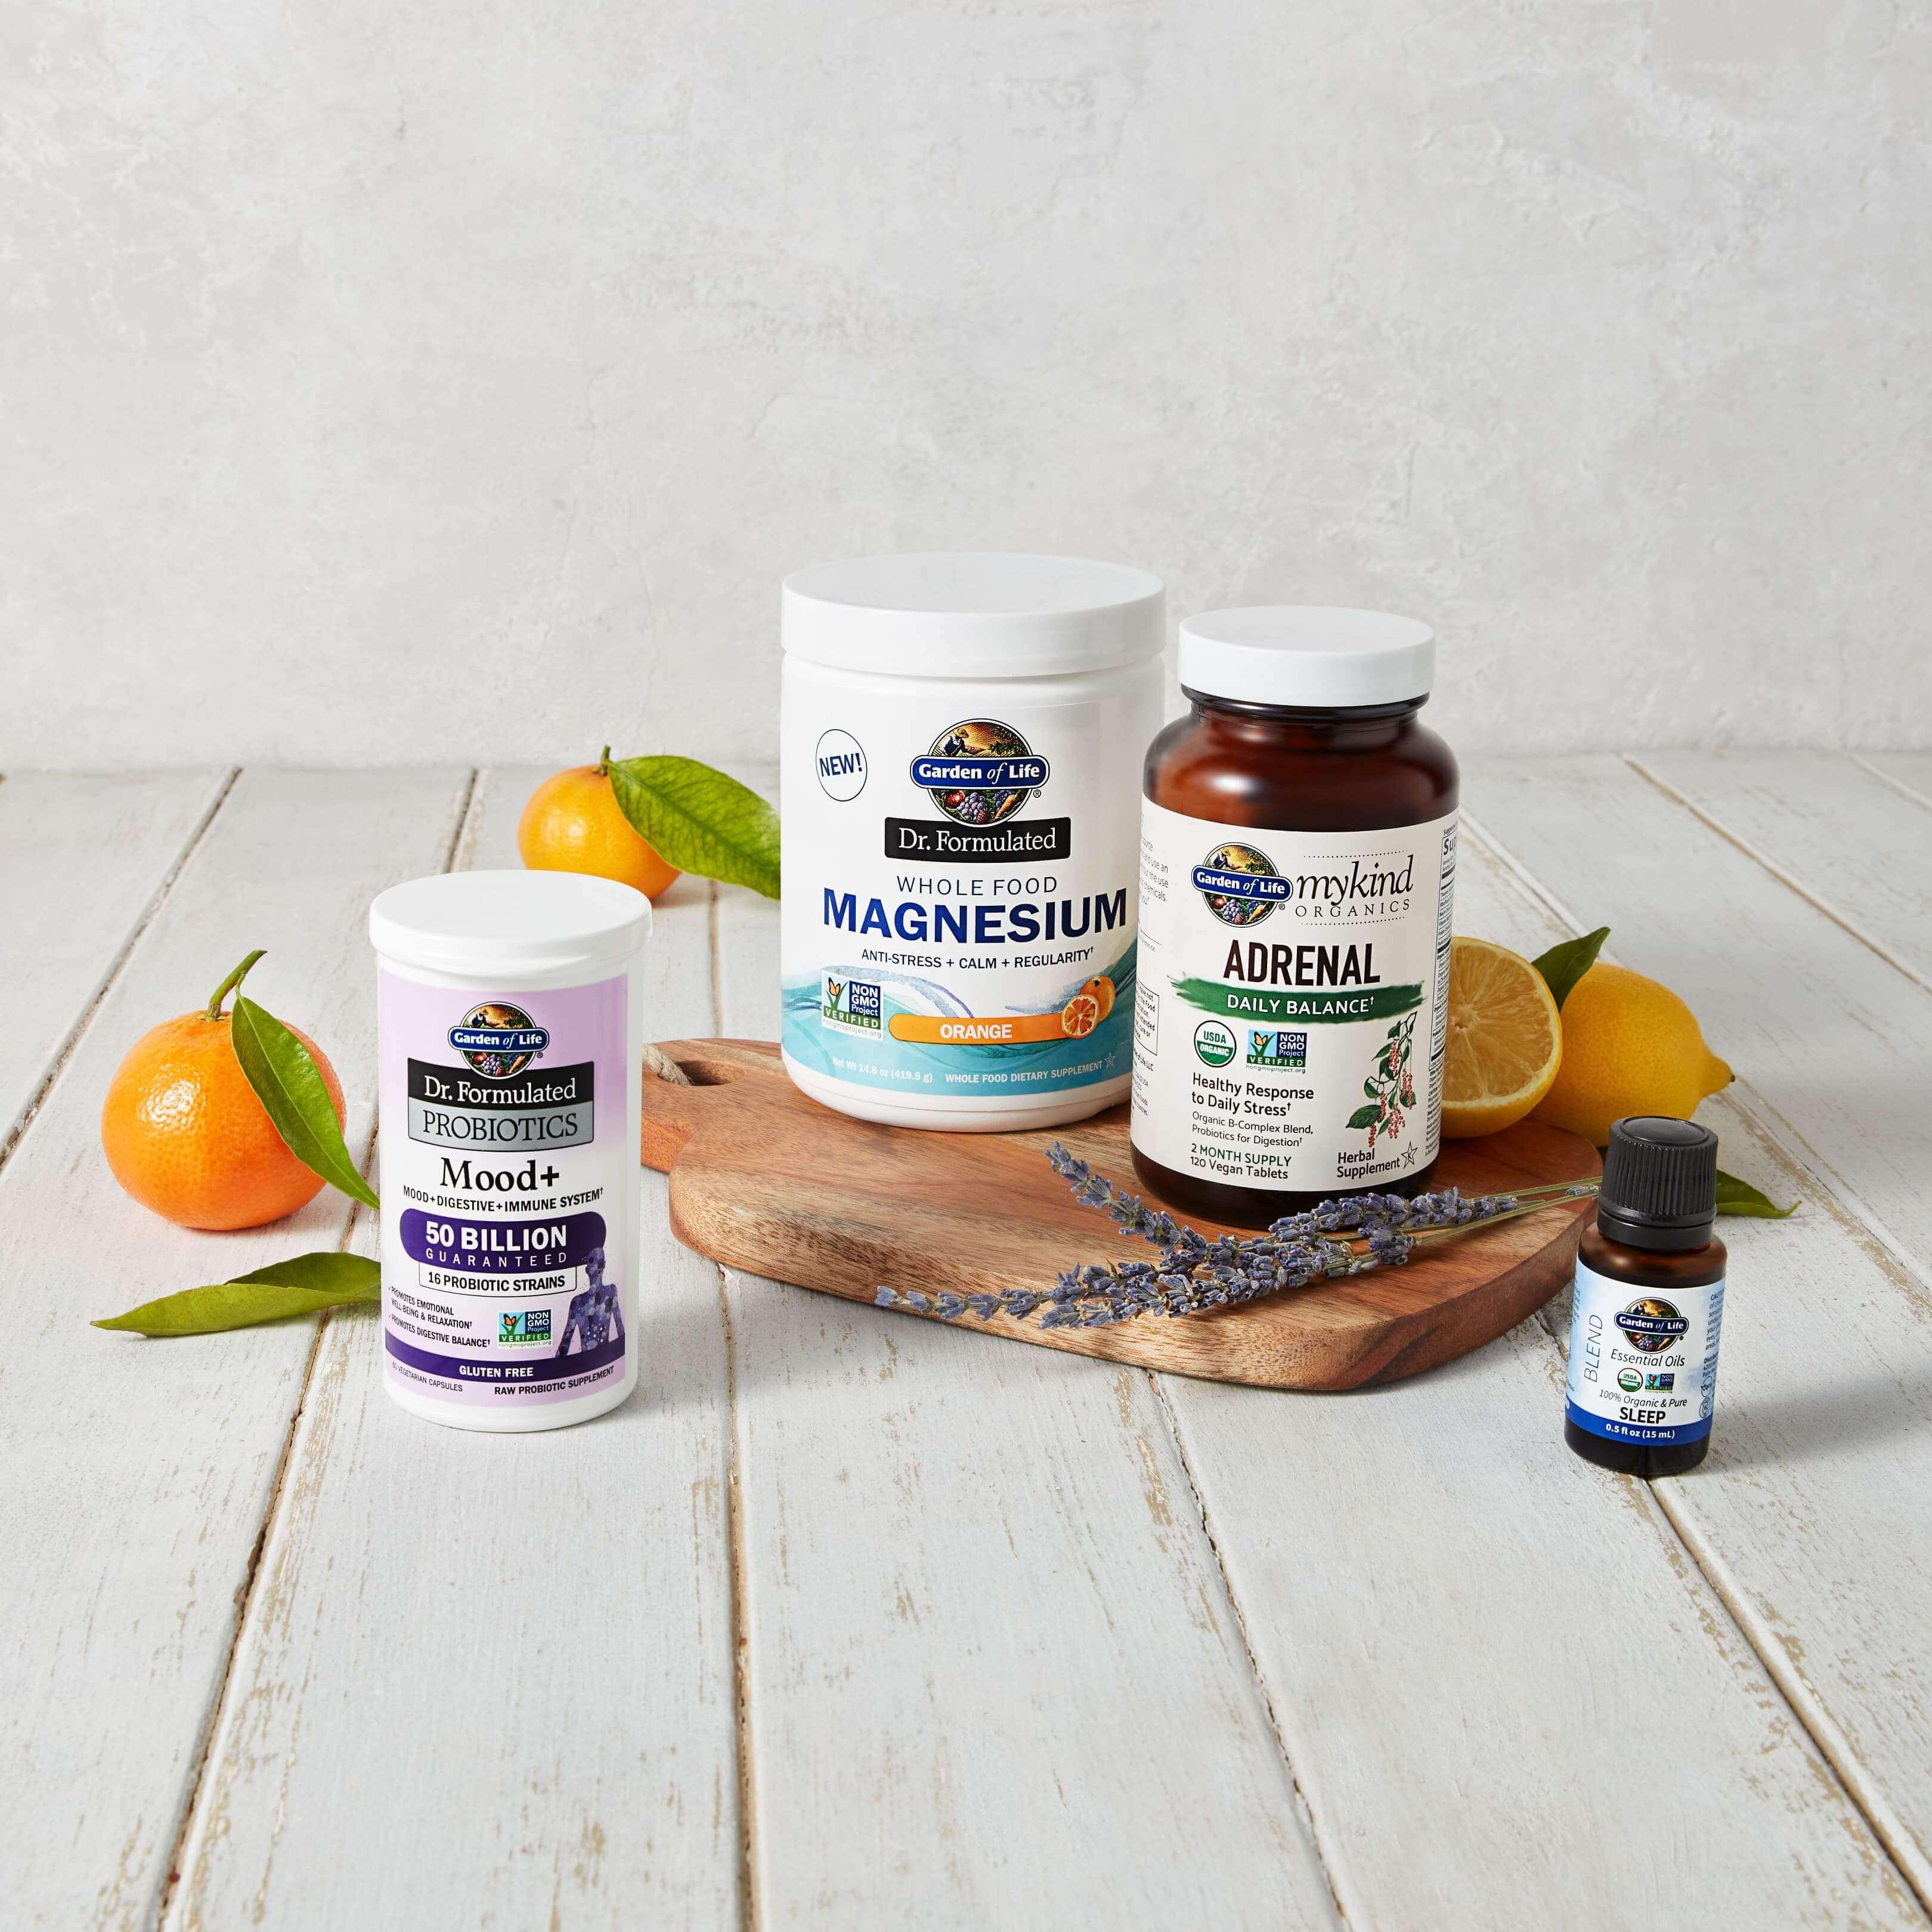 Наш ассортимент микробиомов производит витамины и ферменты для поддержания здорового пищеварения.